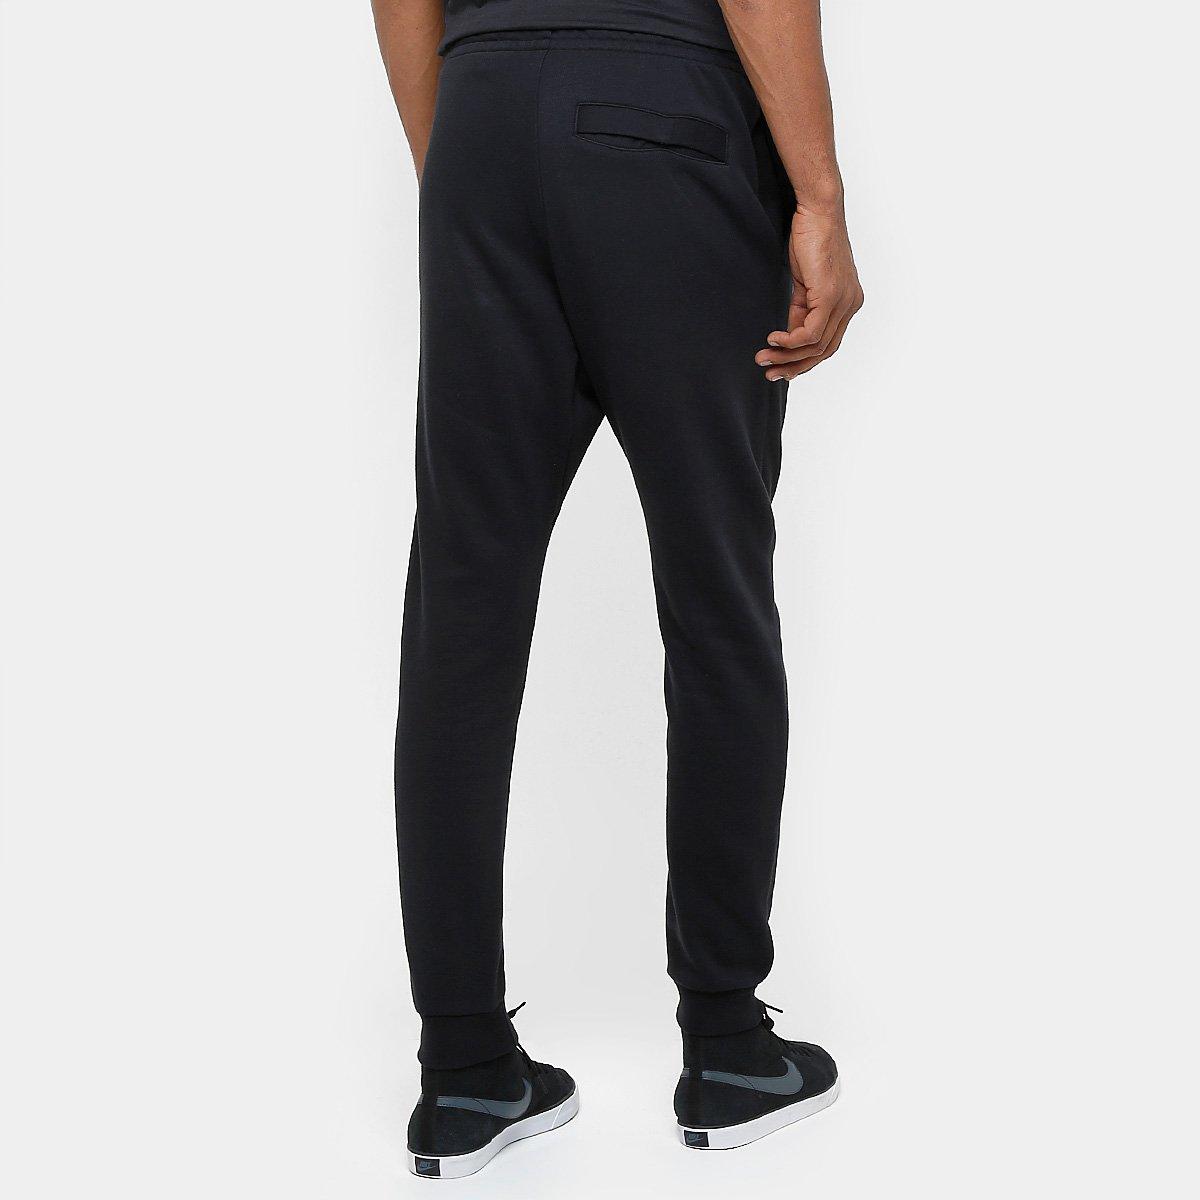 Calça Nike Nsw Jogger Ft Club - Compre Agora  570cea3588363